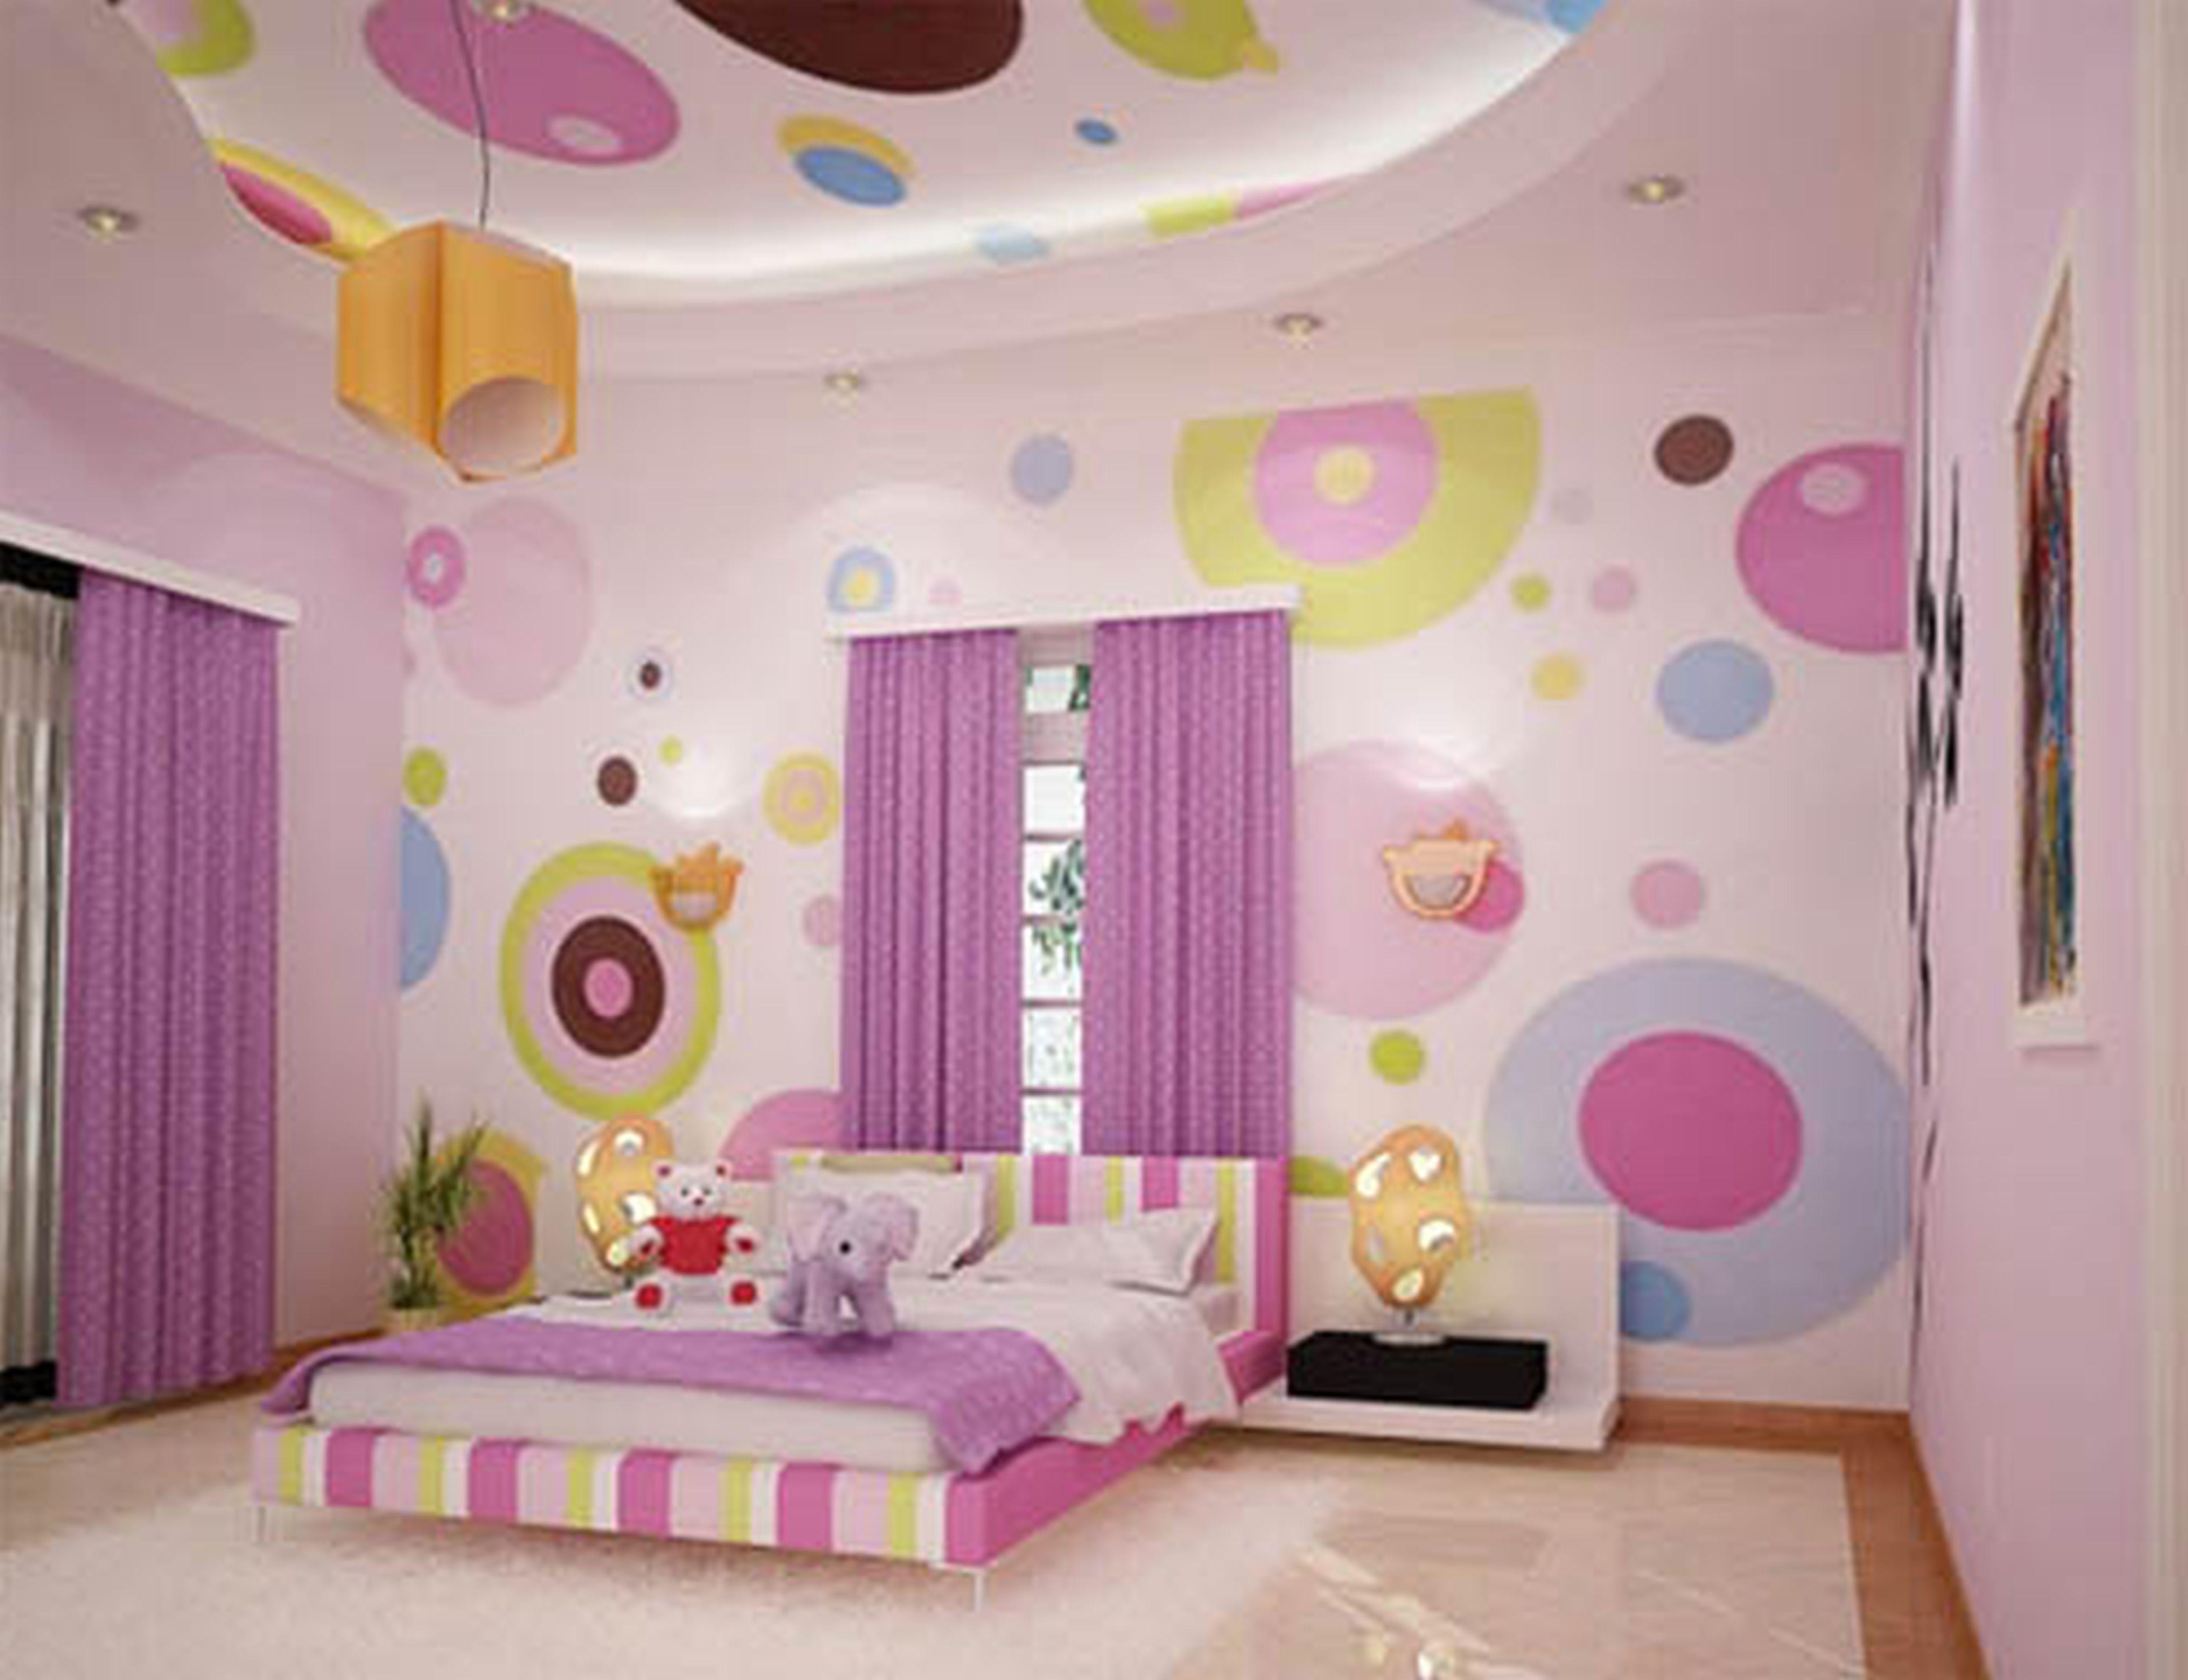 Как Сделать Дизайн Детской Комнаты Для Девочки Своими Руками 32